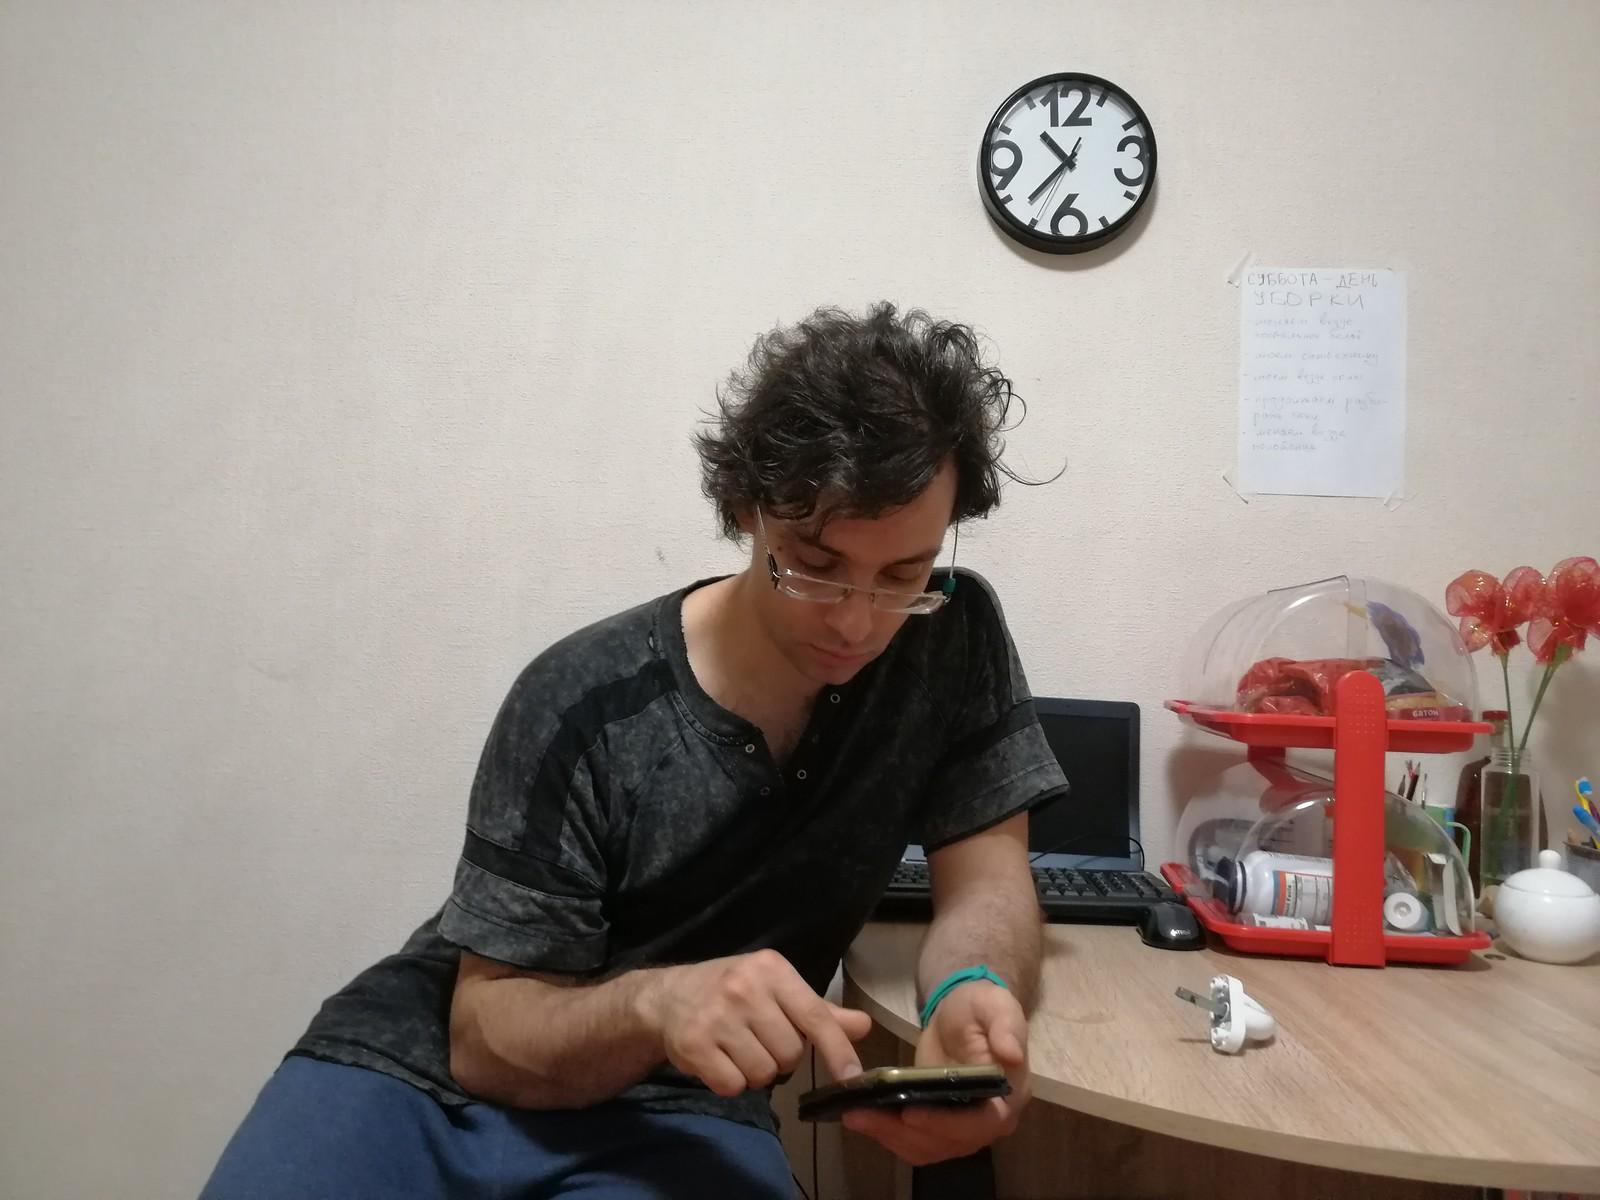 Одна суббота учителя и журналиста в коммуне, Санкт-Петербург, фото 32